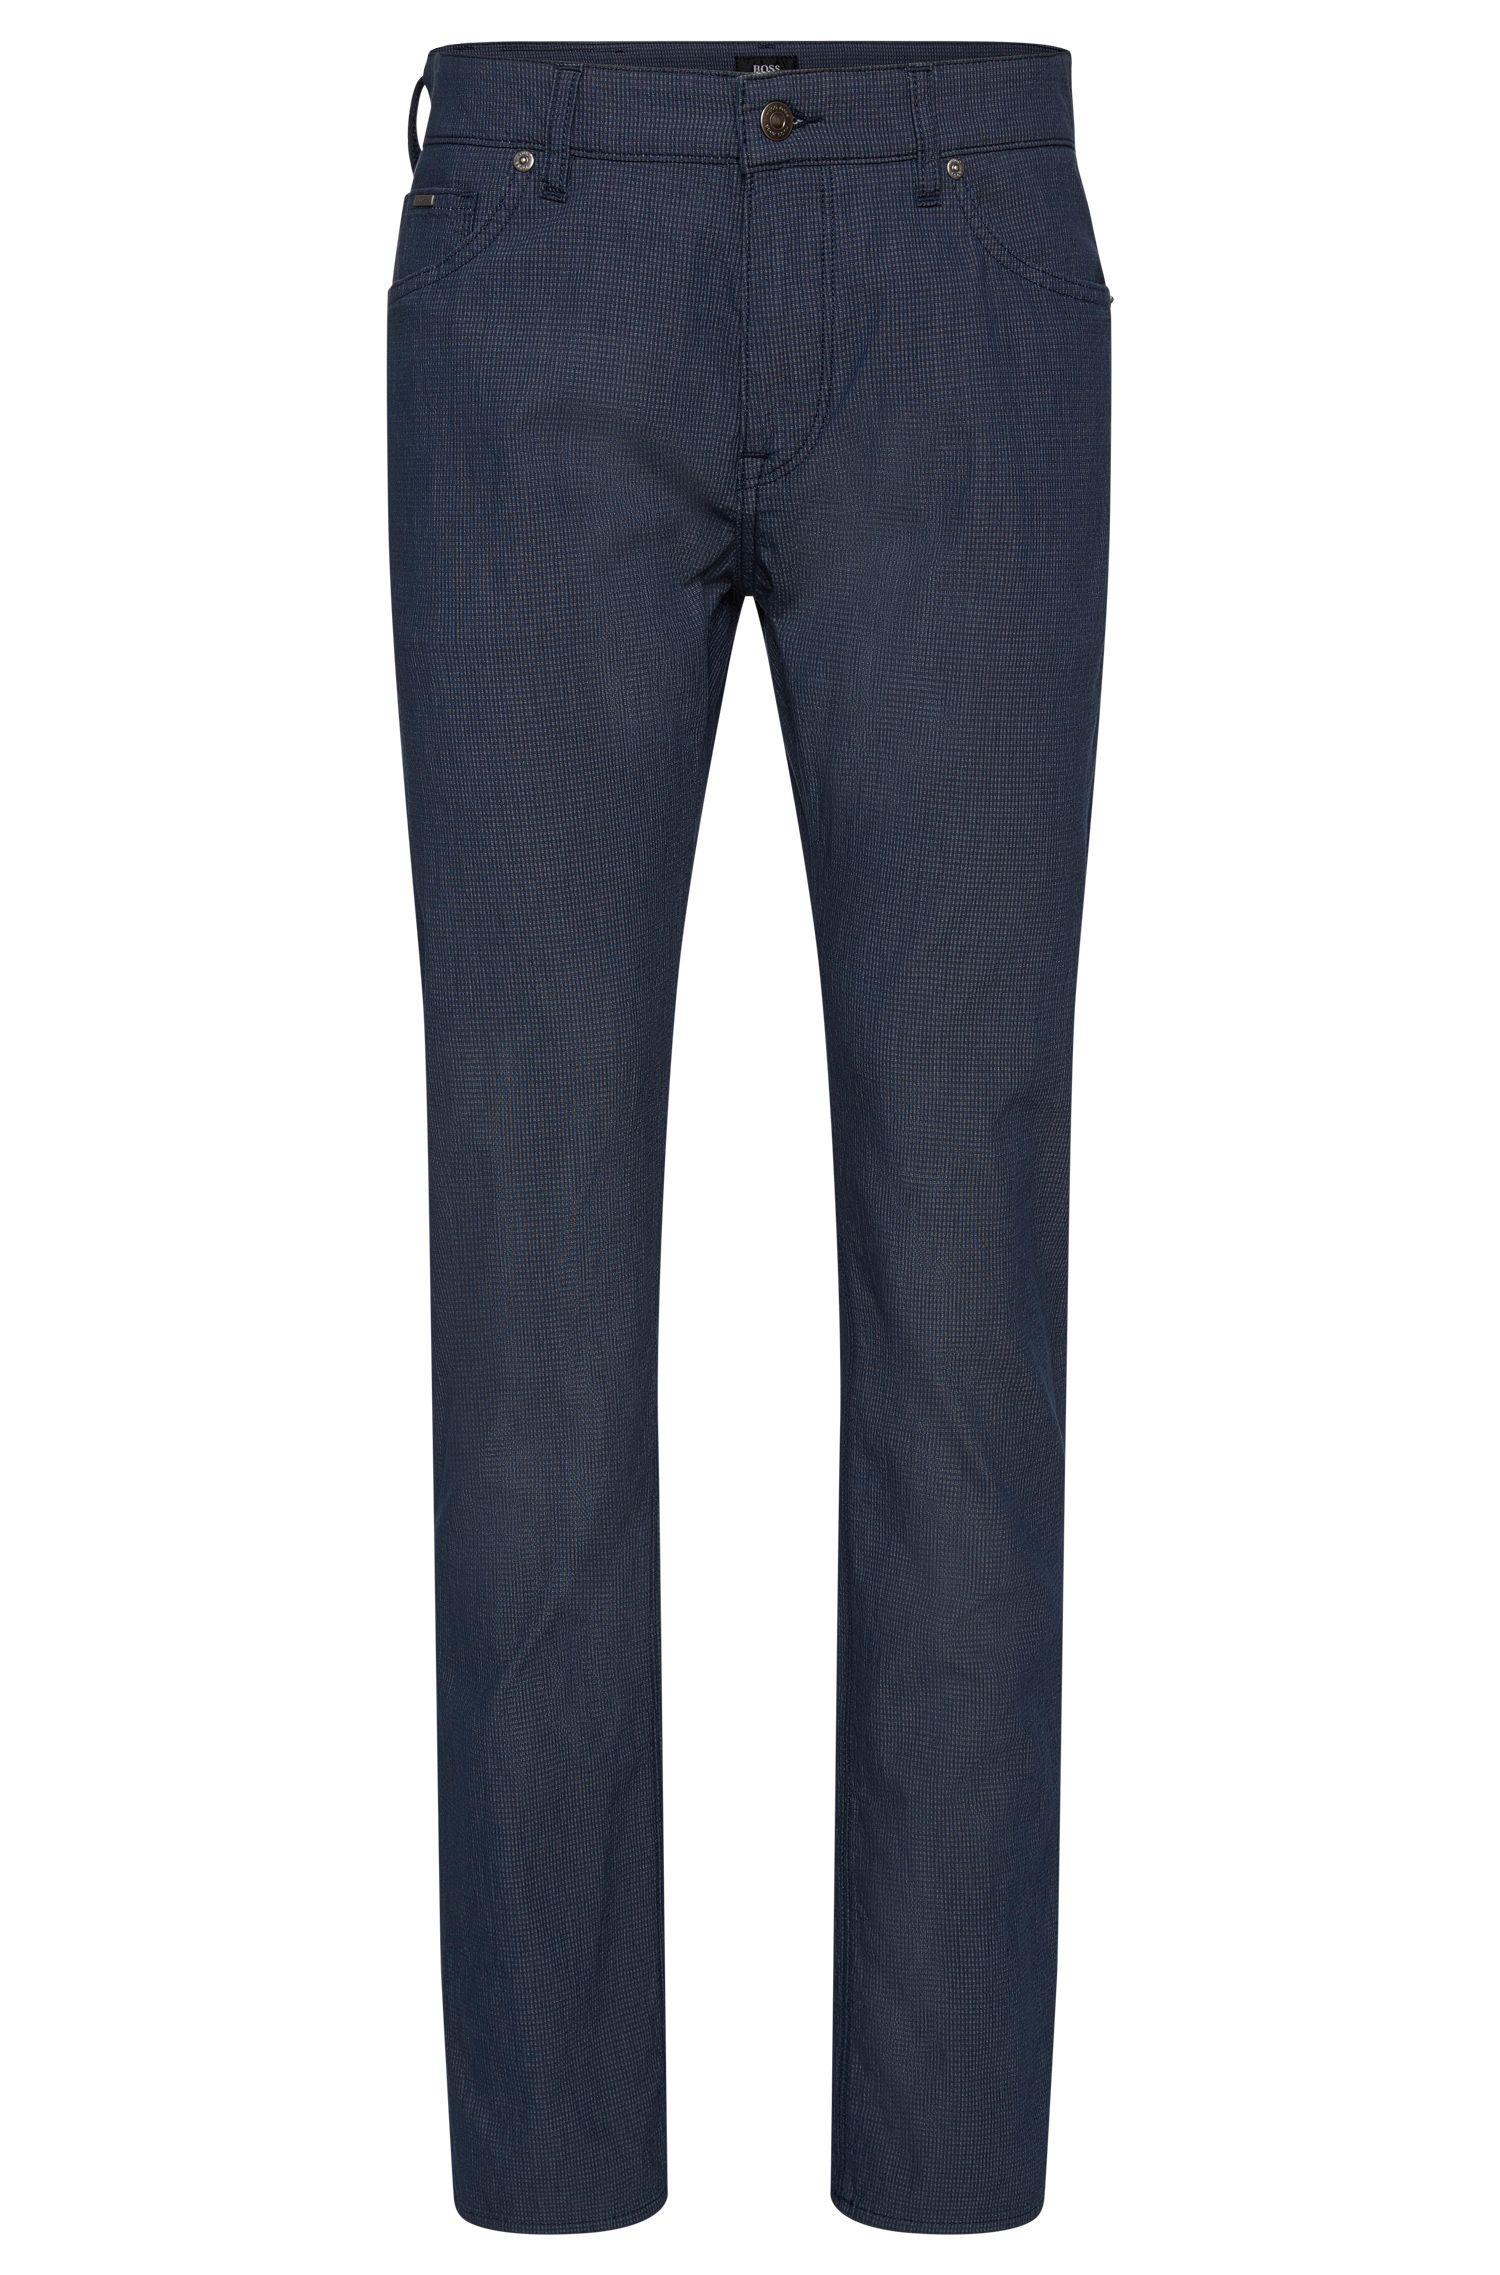 Strukturierte Regular-Fit Hose aus elastischem Baumwoll-Mix: 'Maine3-20'